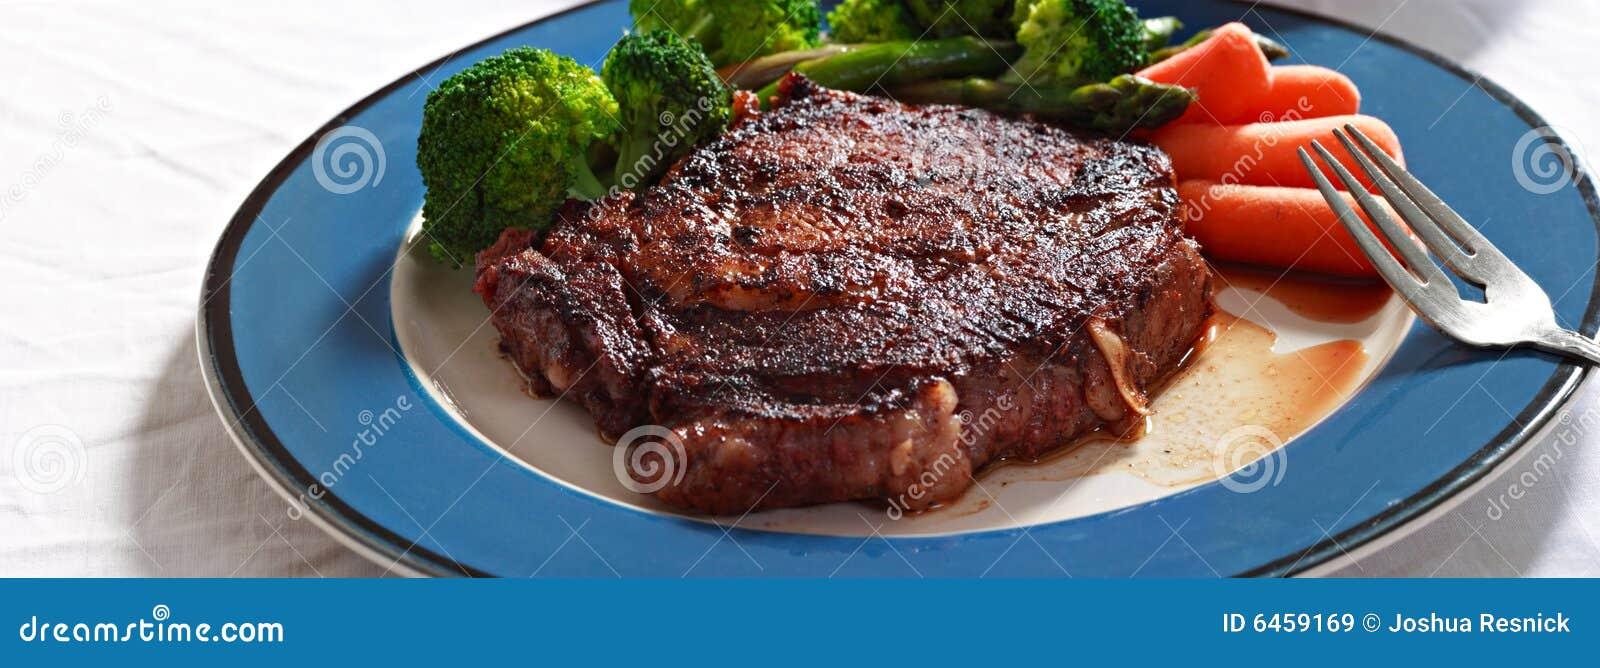 Steak mit Veggies